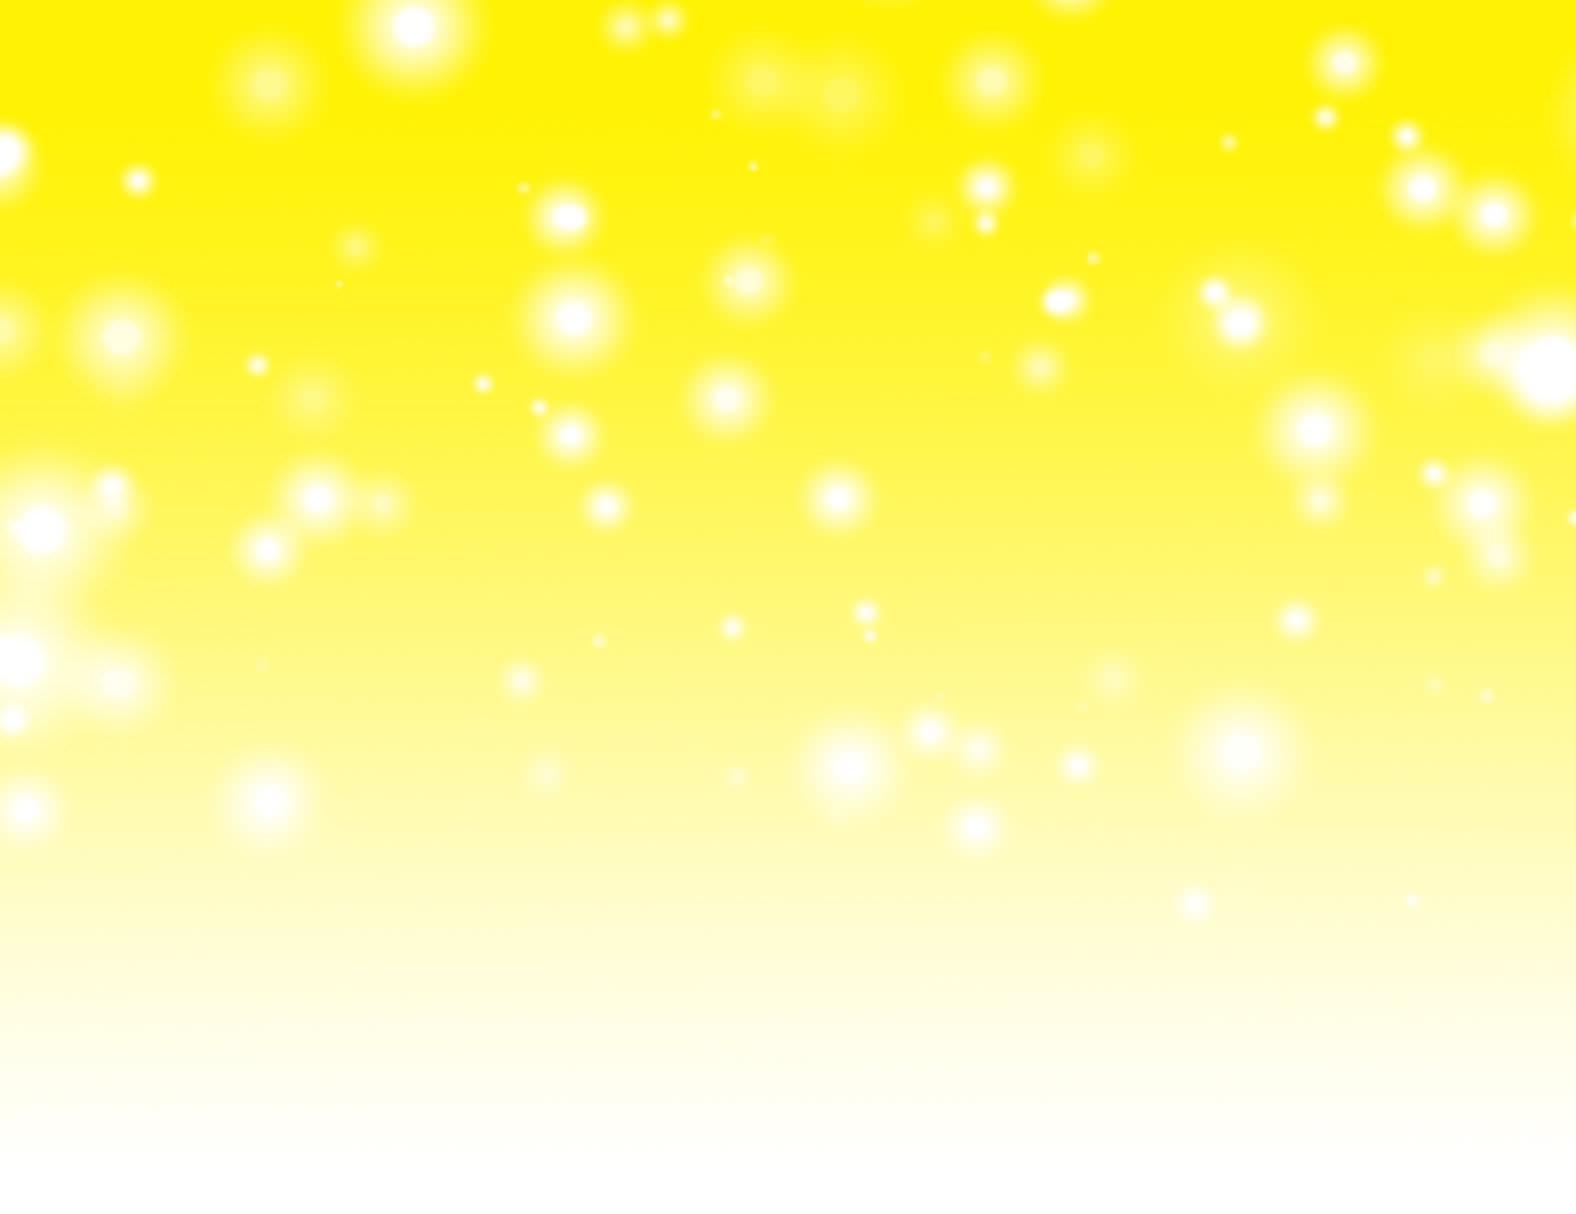 Background vàng trắng